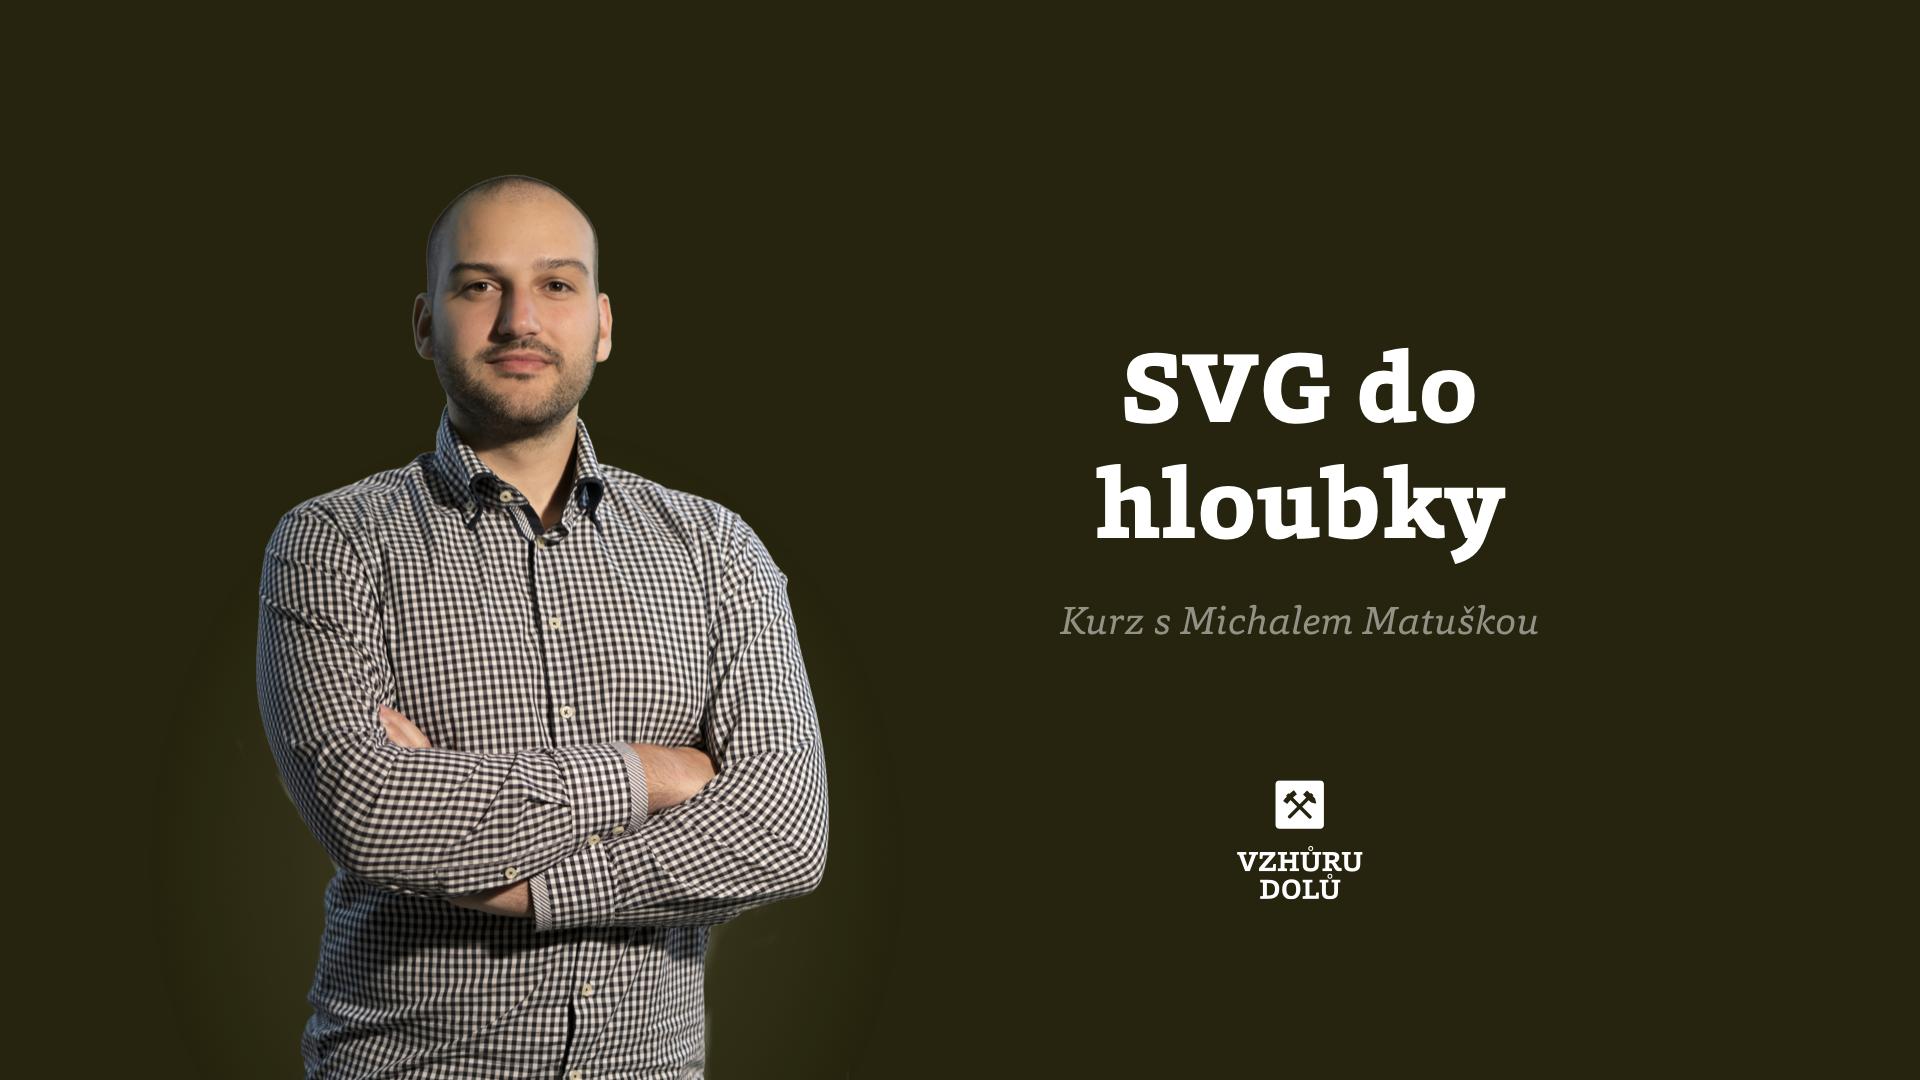 Školení SVG